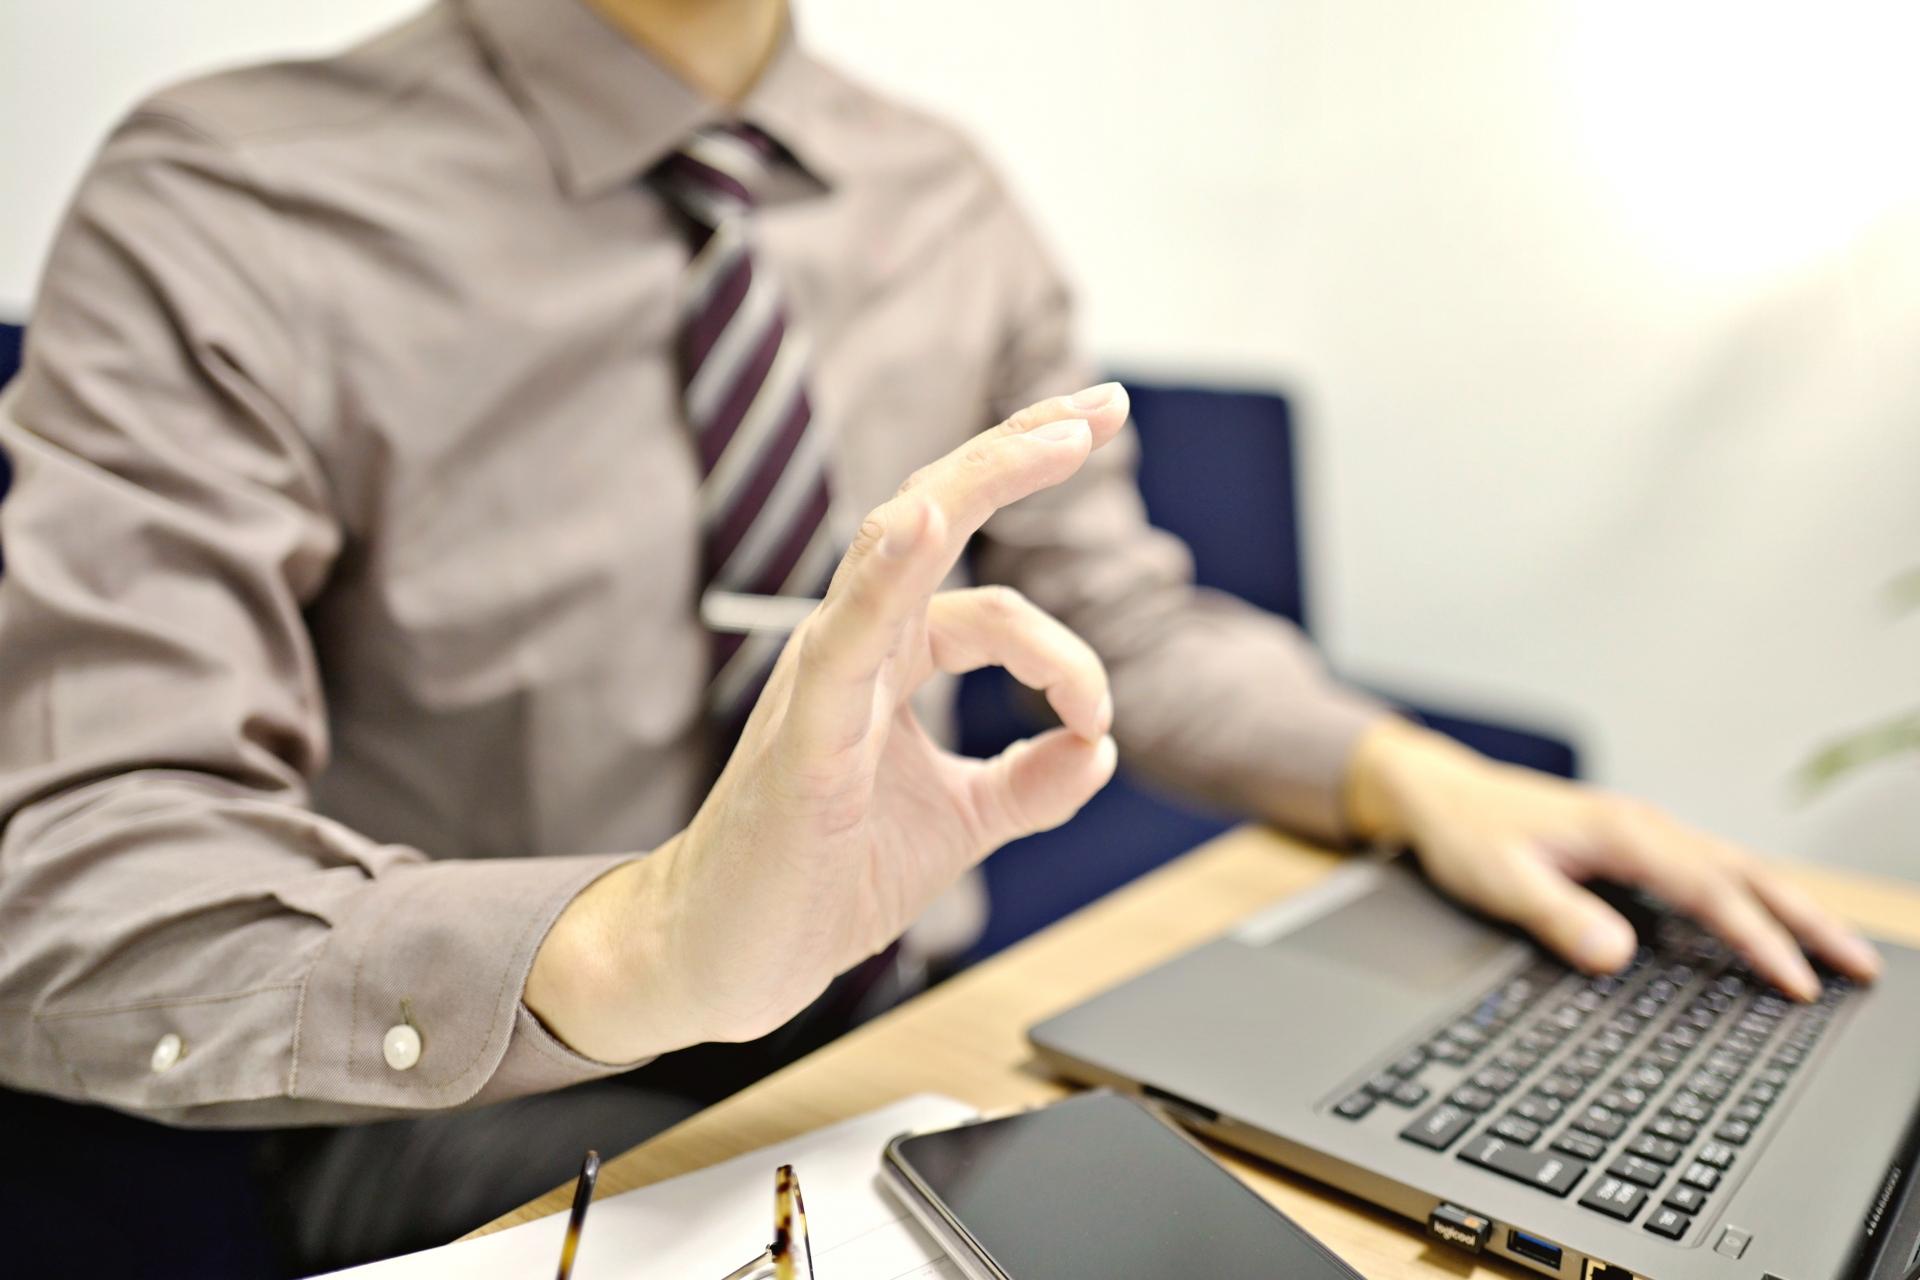 中小企業のデジタルトランスフォーメーション対応